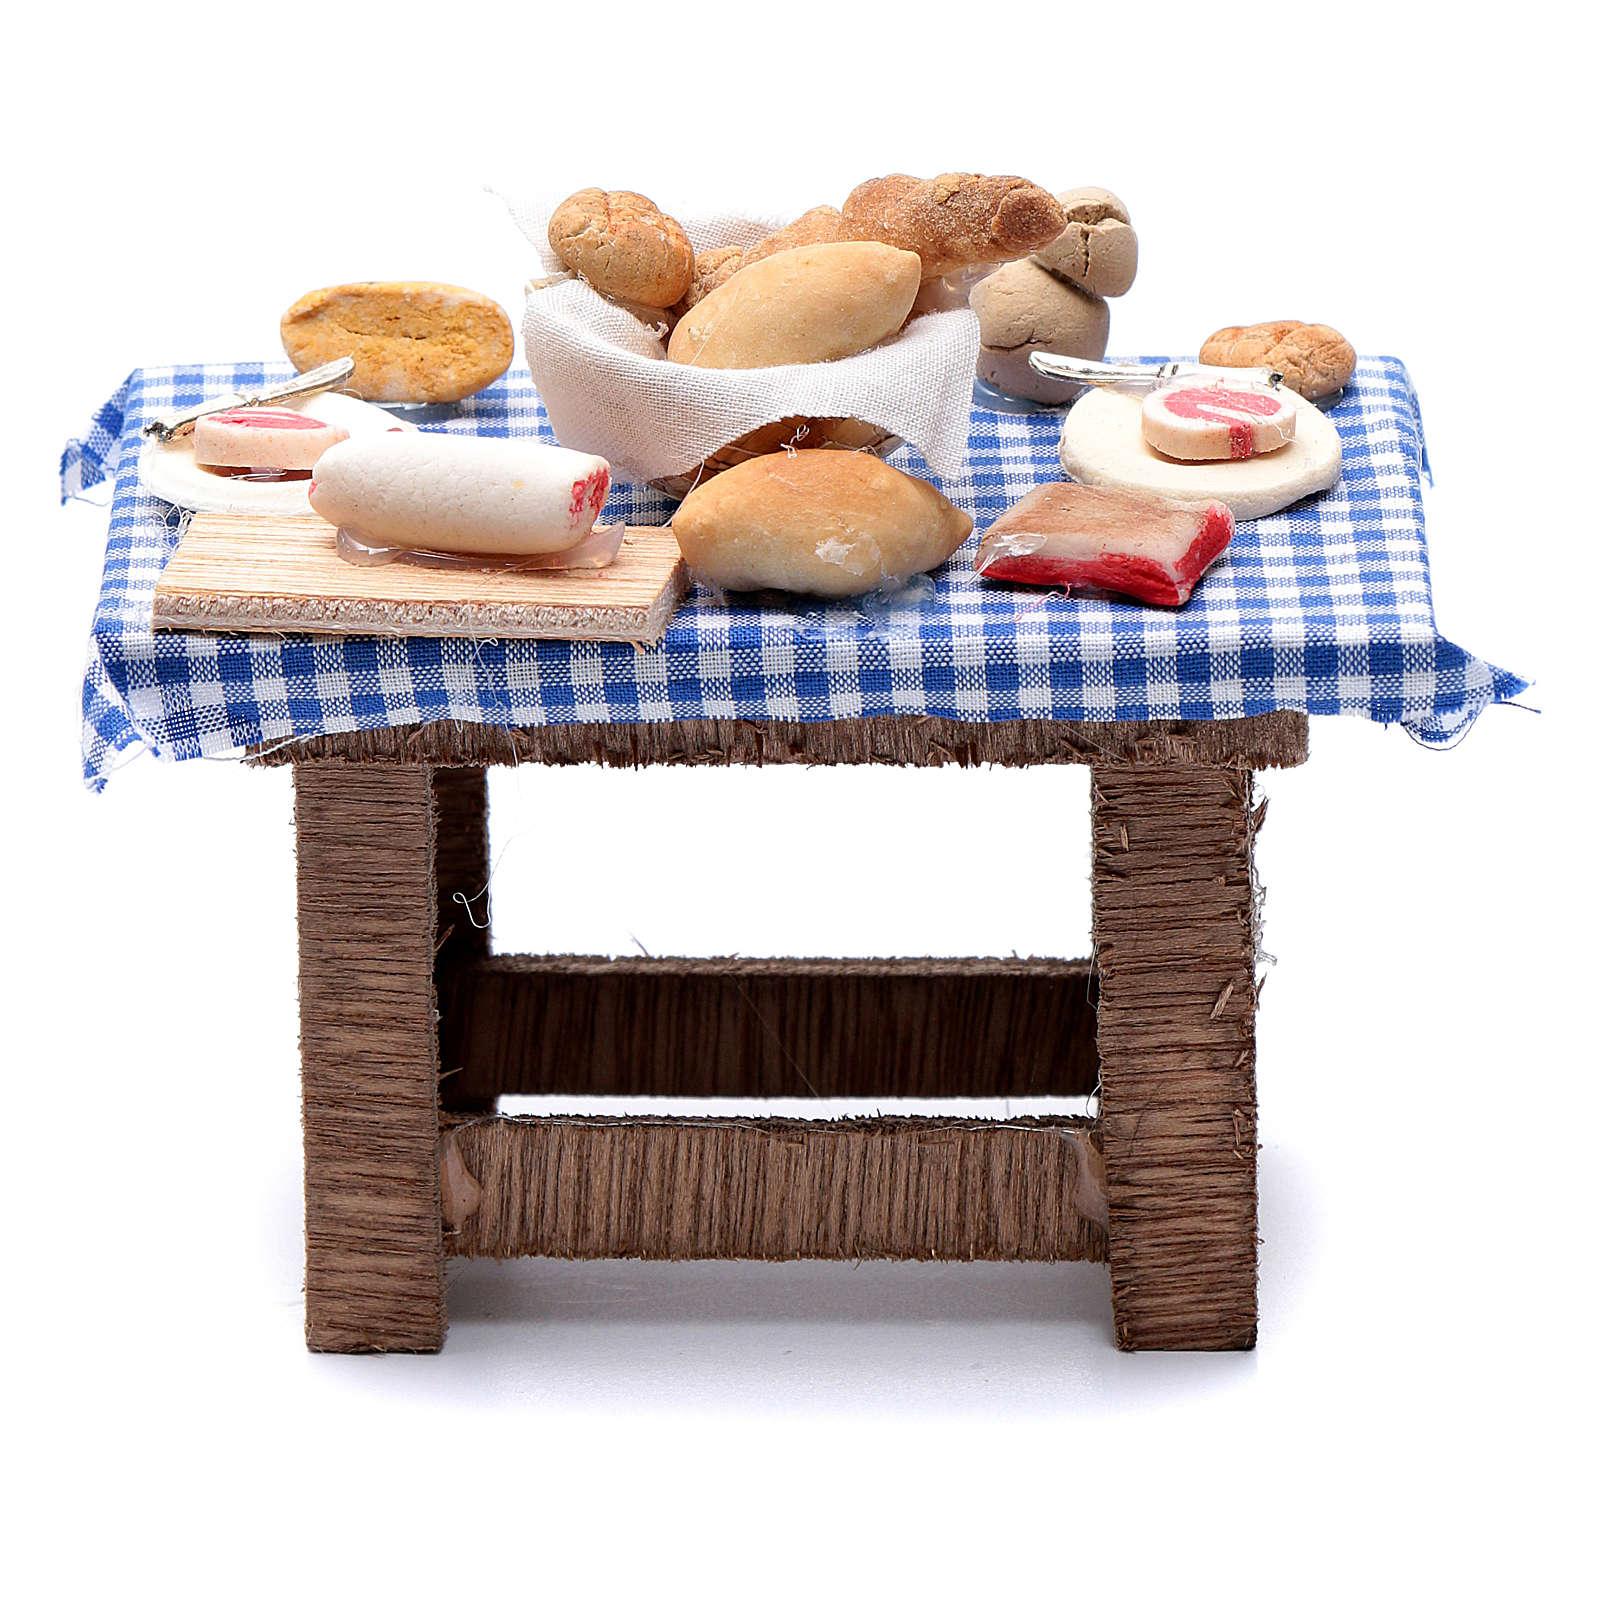 Tavolo tovaglia a quadri e cibo presepe Napoli 10x10x5 cm 4